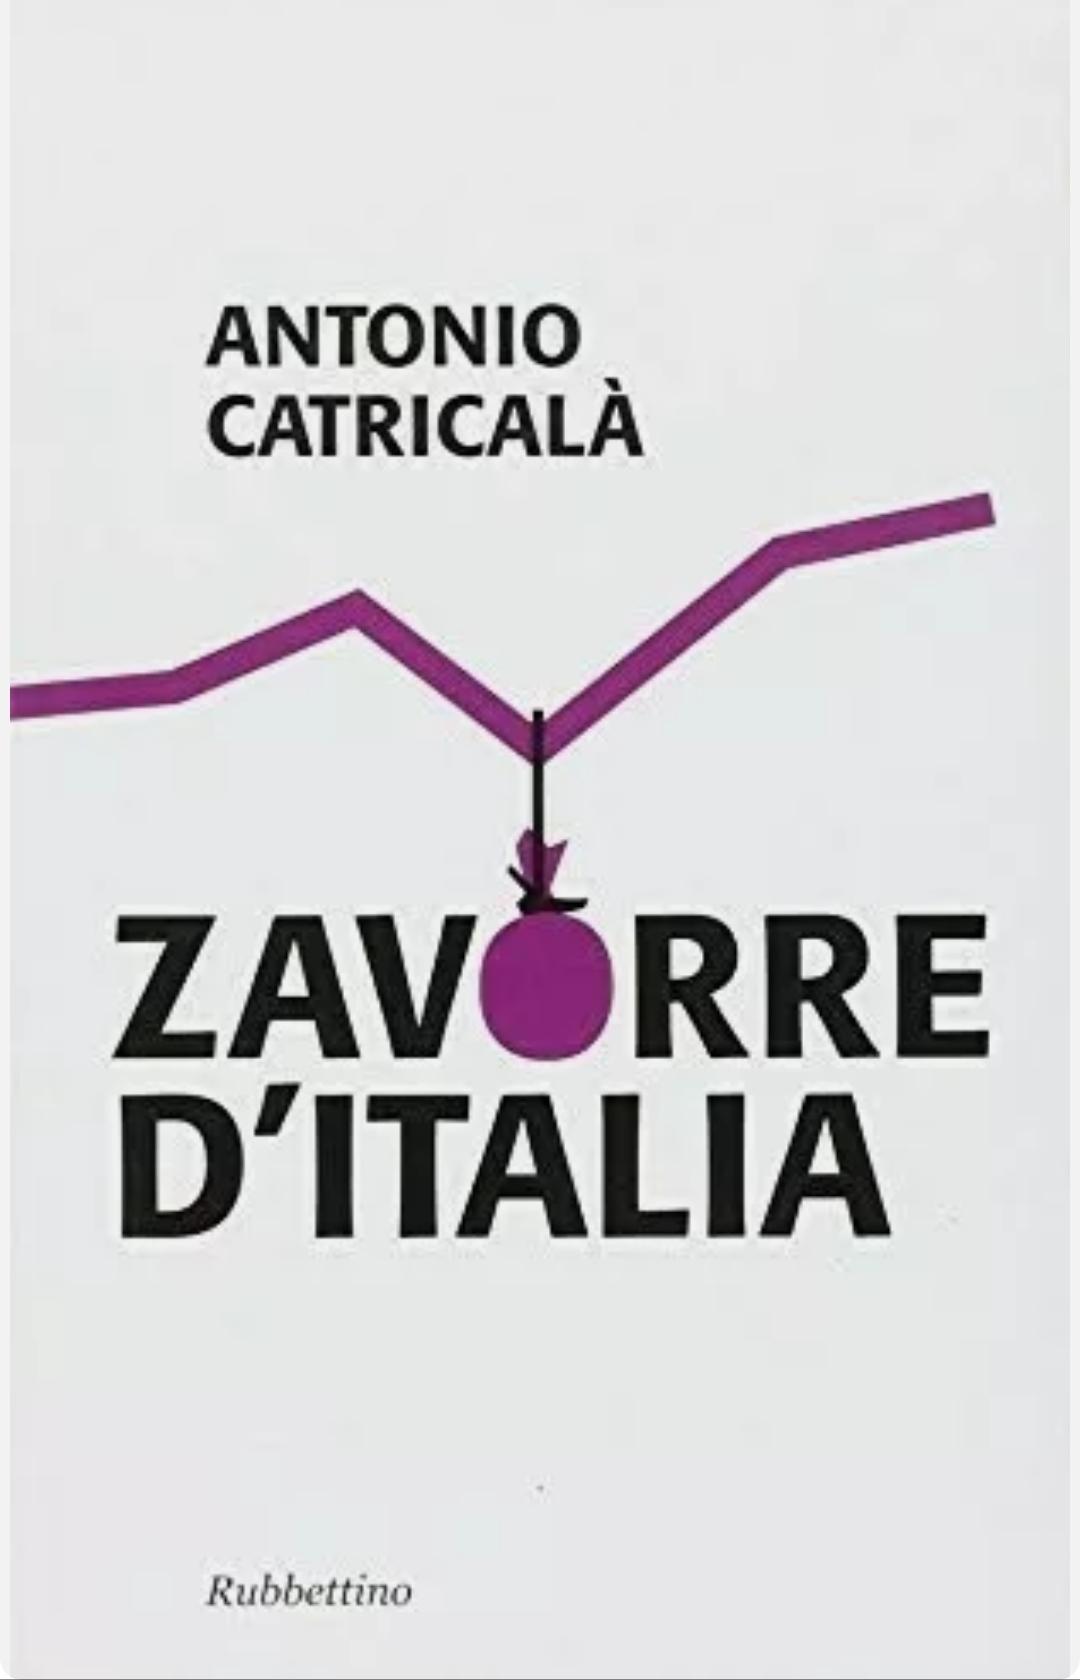 ZAVORRE D'ITALIA ANTONIO CATRICALÀ LIBRO ECONOMIA